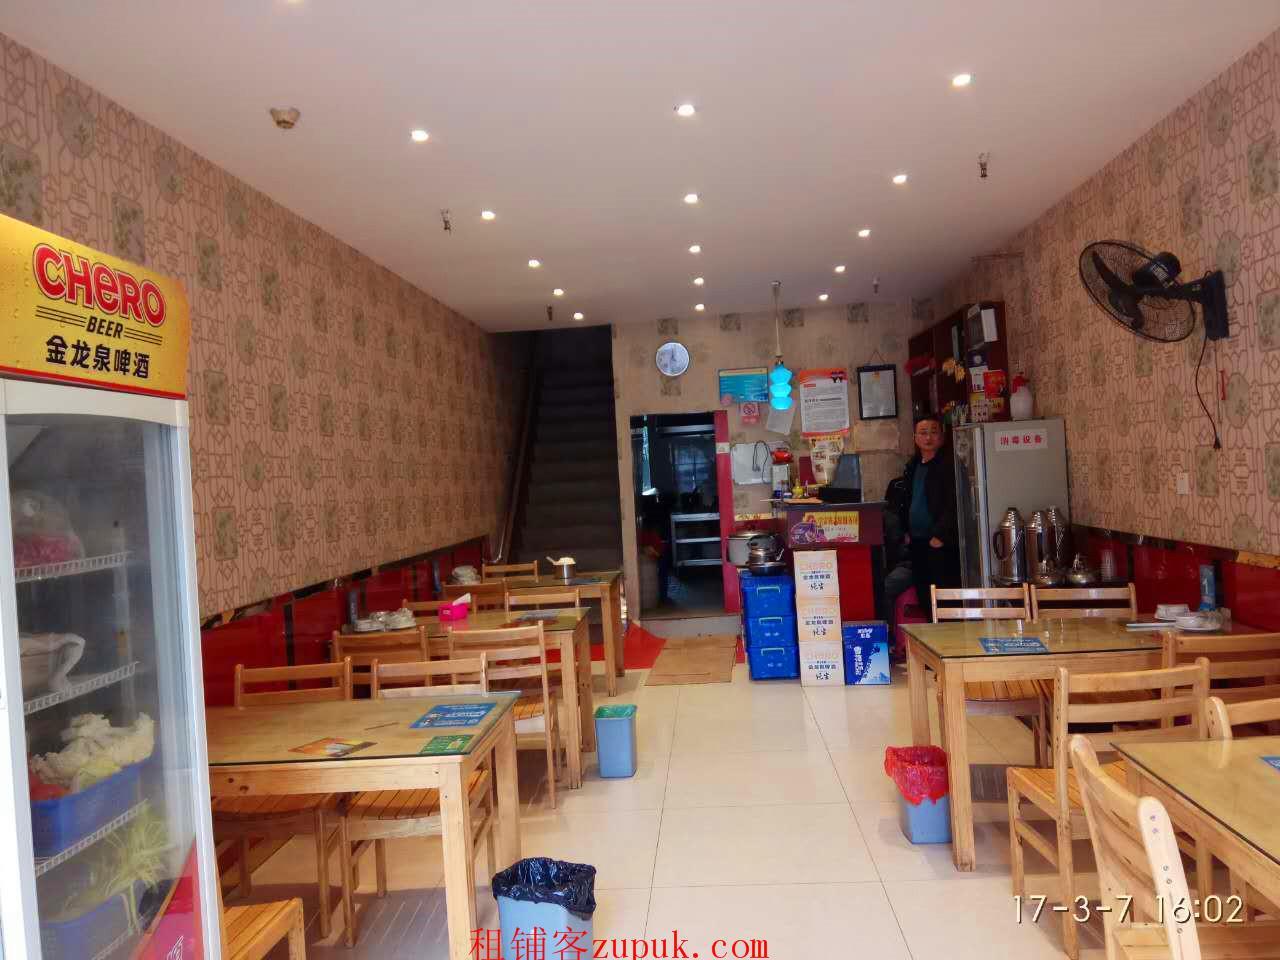 沿街餐馆火锅店烧烤店餐厅转让